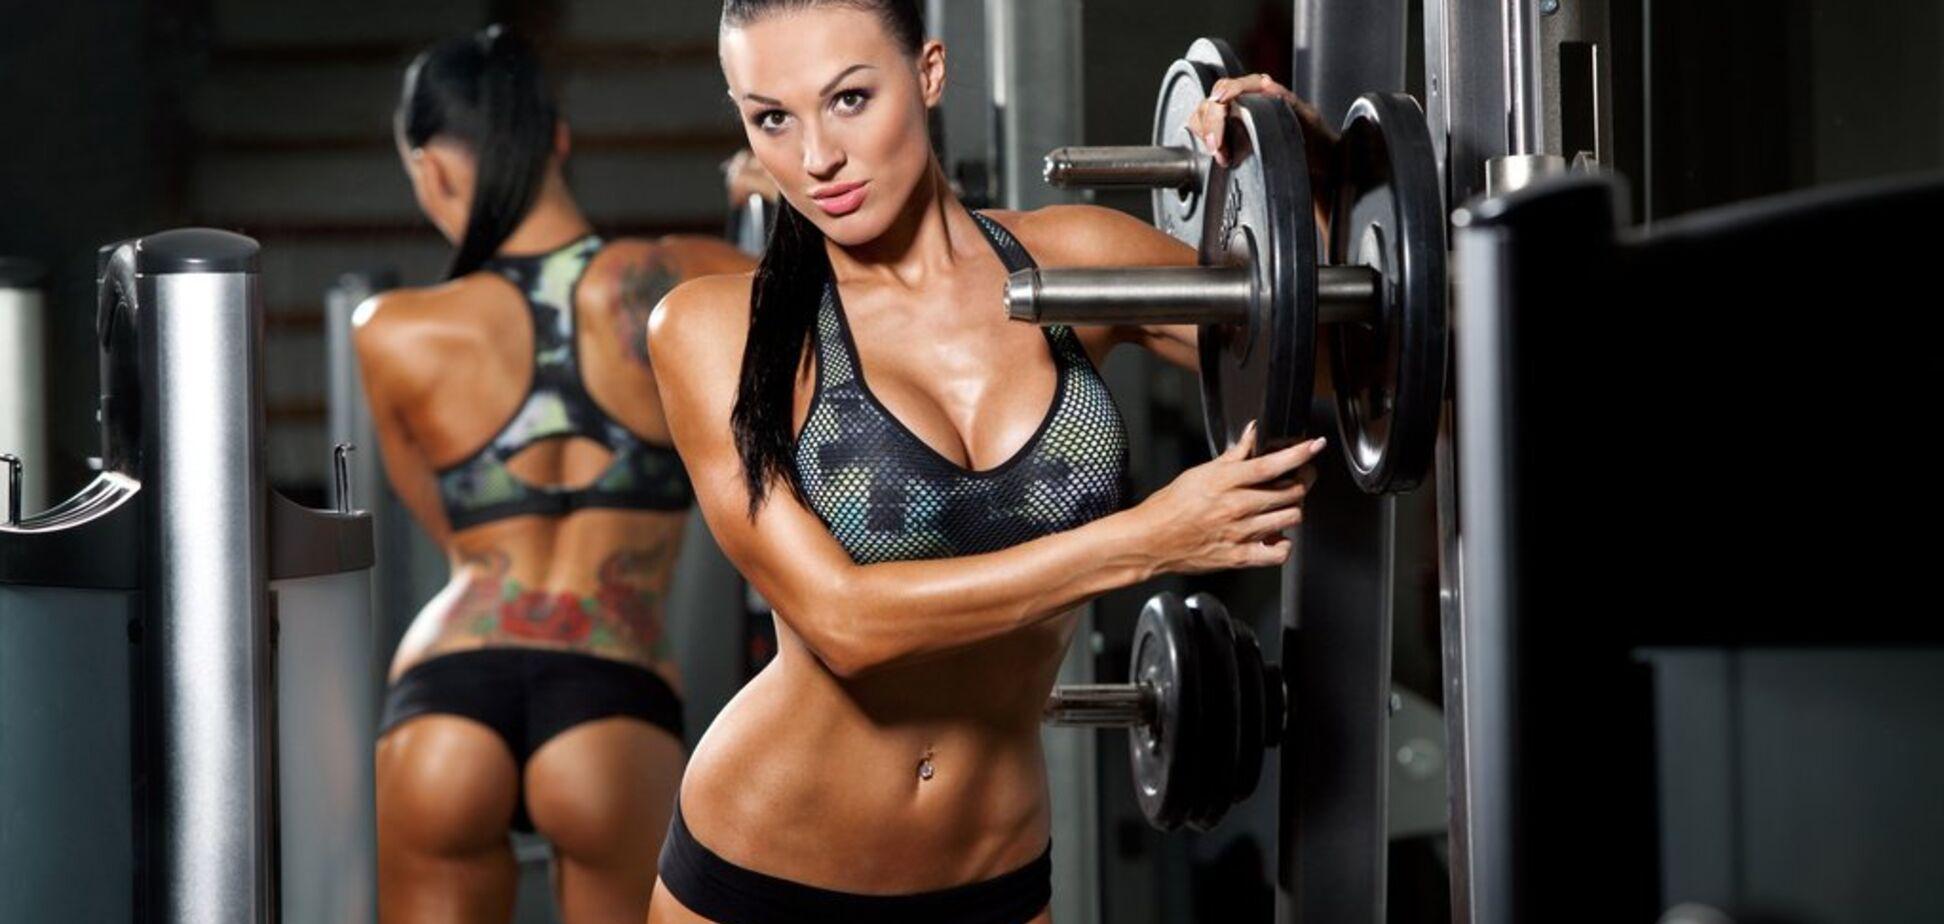 Вчені з'ясували, як можна зберігати м'язи без тренувань